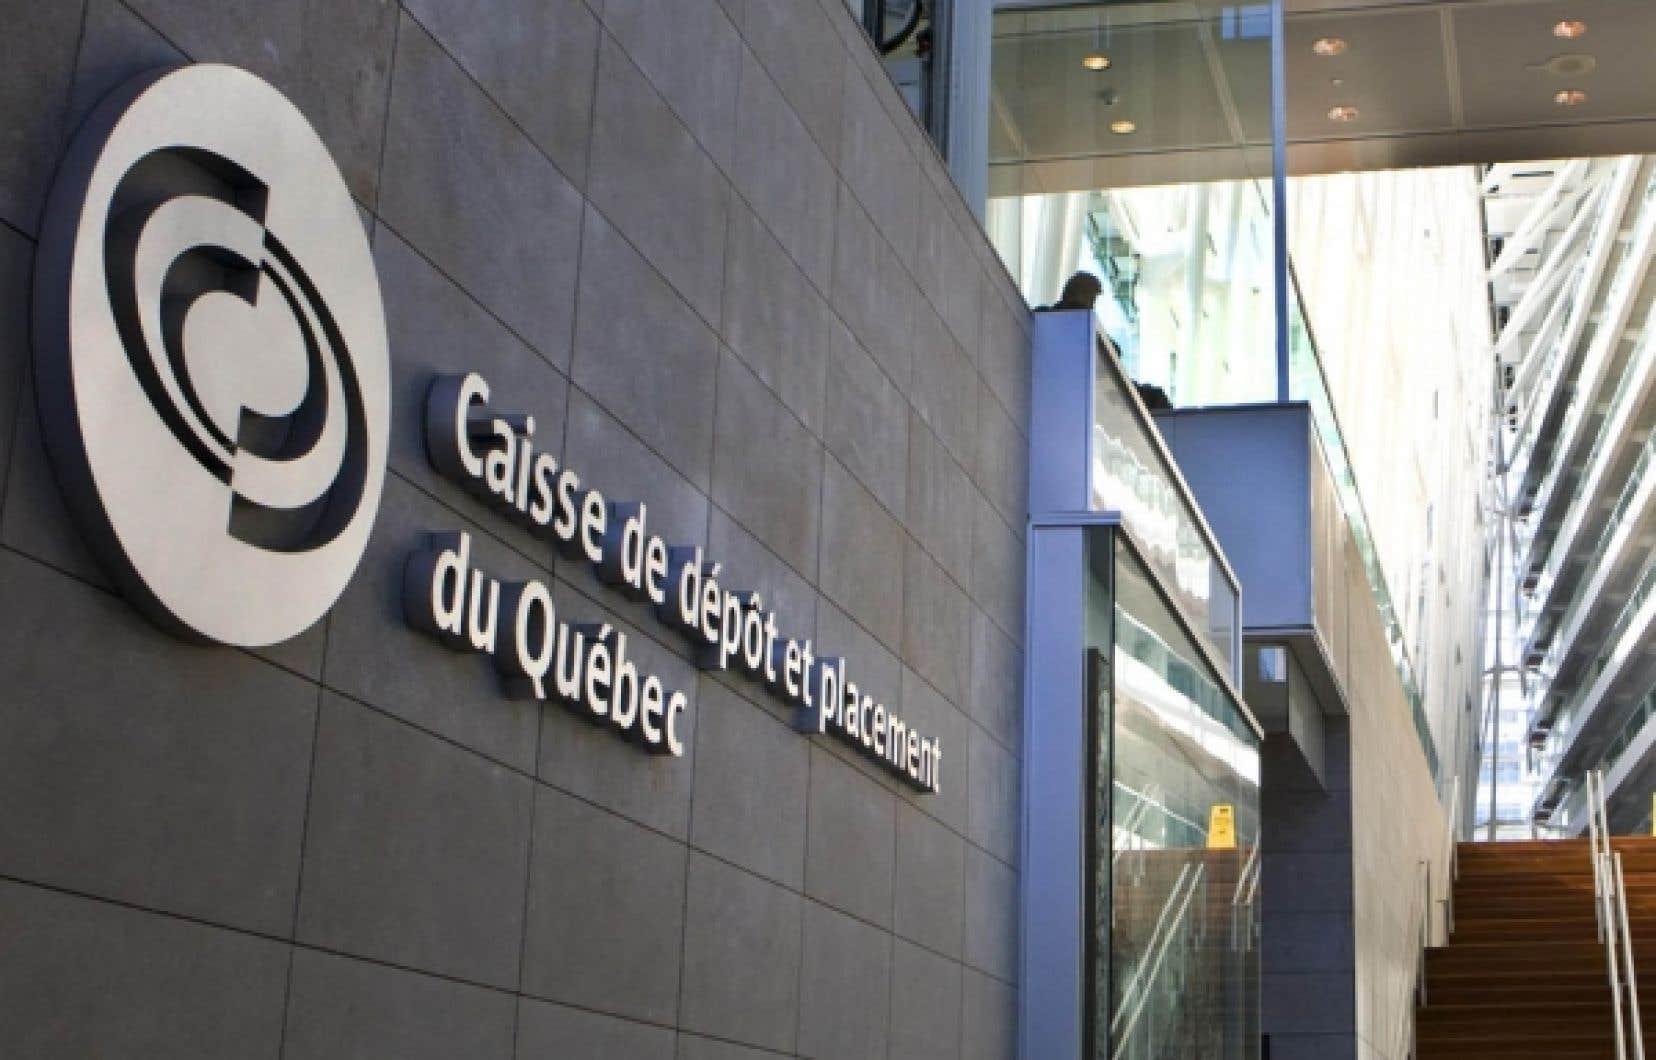 Les entreprises qui sollicitent la Caisse de dépôt et placement du Québec (CDPQ) pour obtenir du financement sans s'inscrire au registre des lobbyistes sont dans l'illégalité.